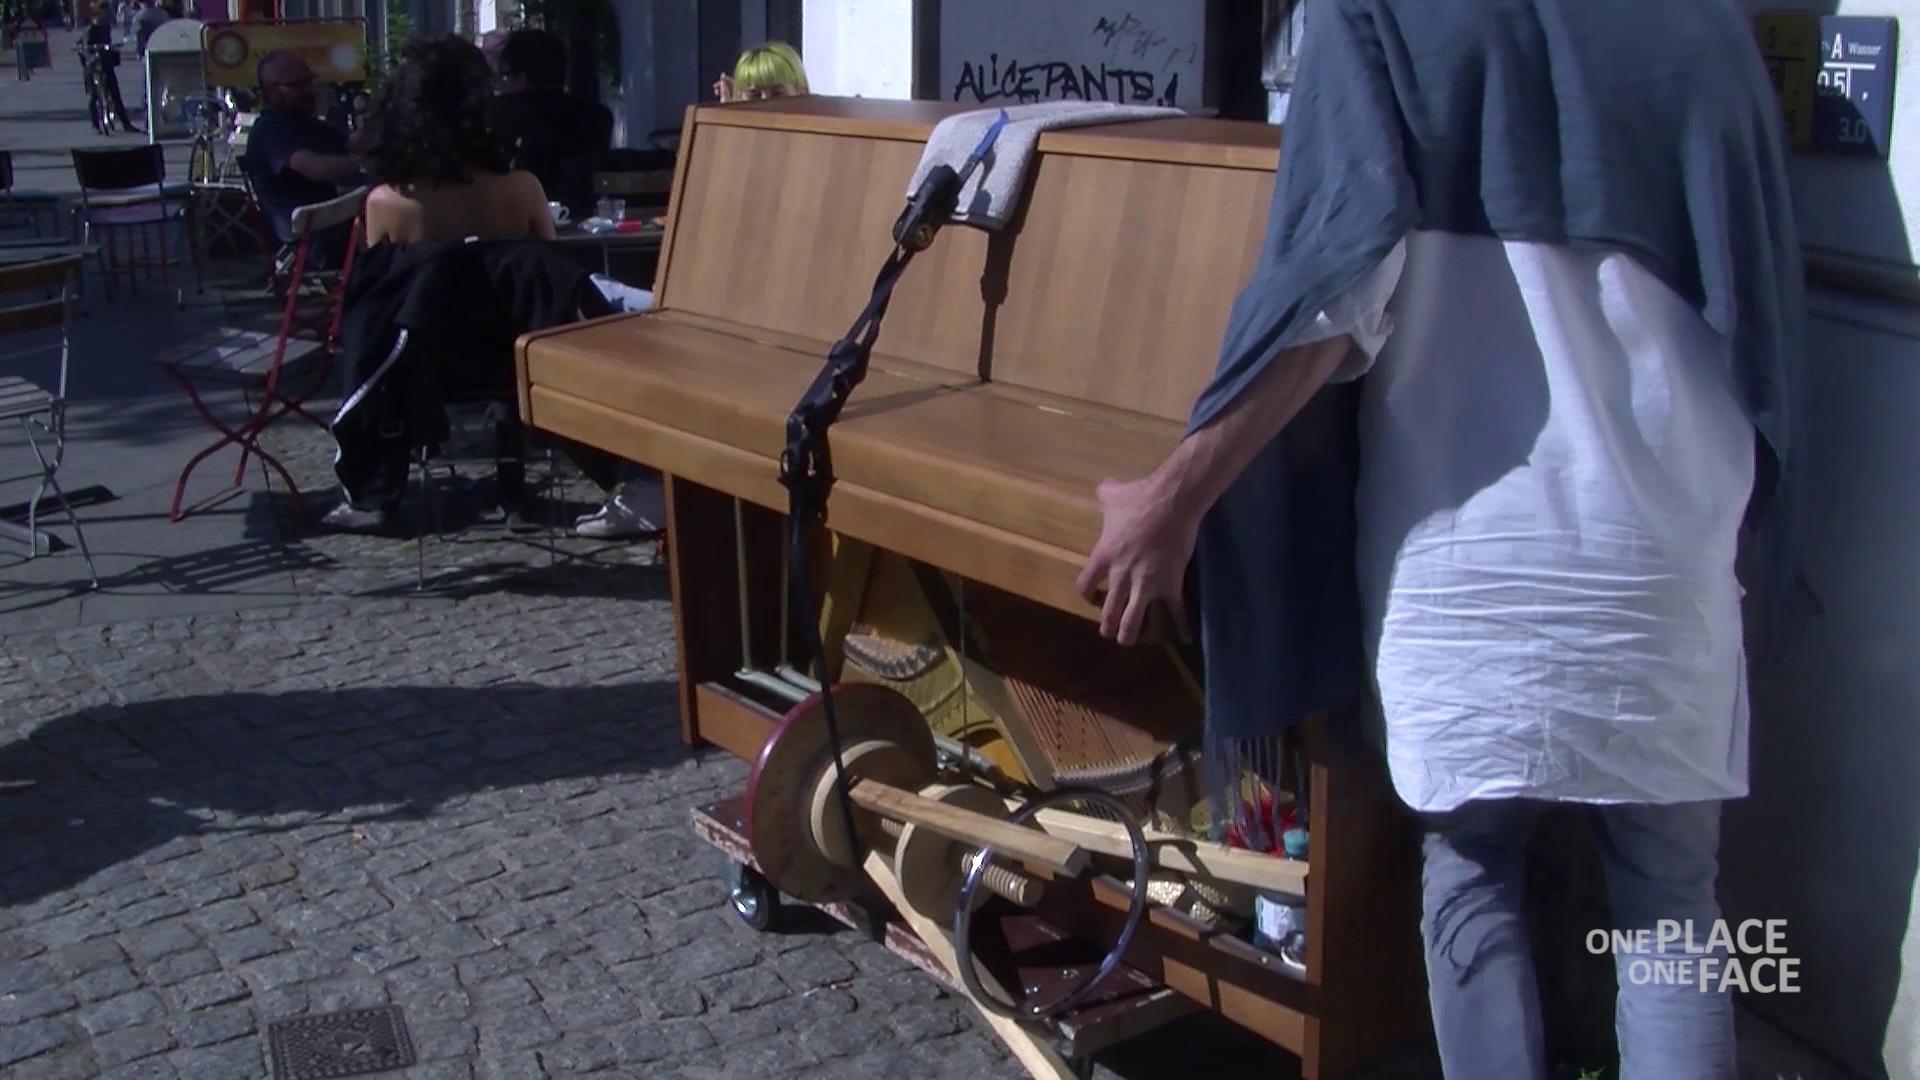 Straßenmusik in Berlin: Der Platz wird knapp (Video)